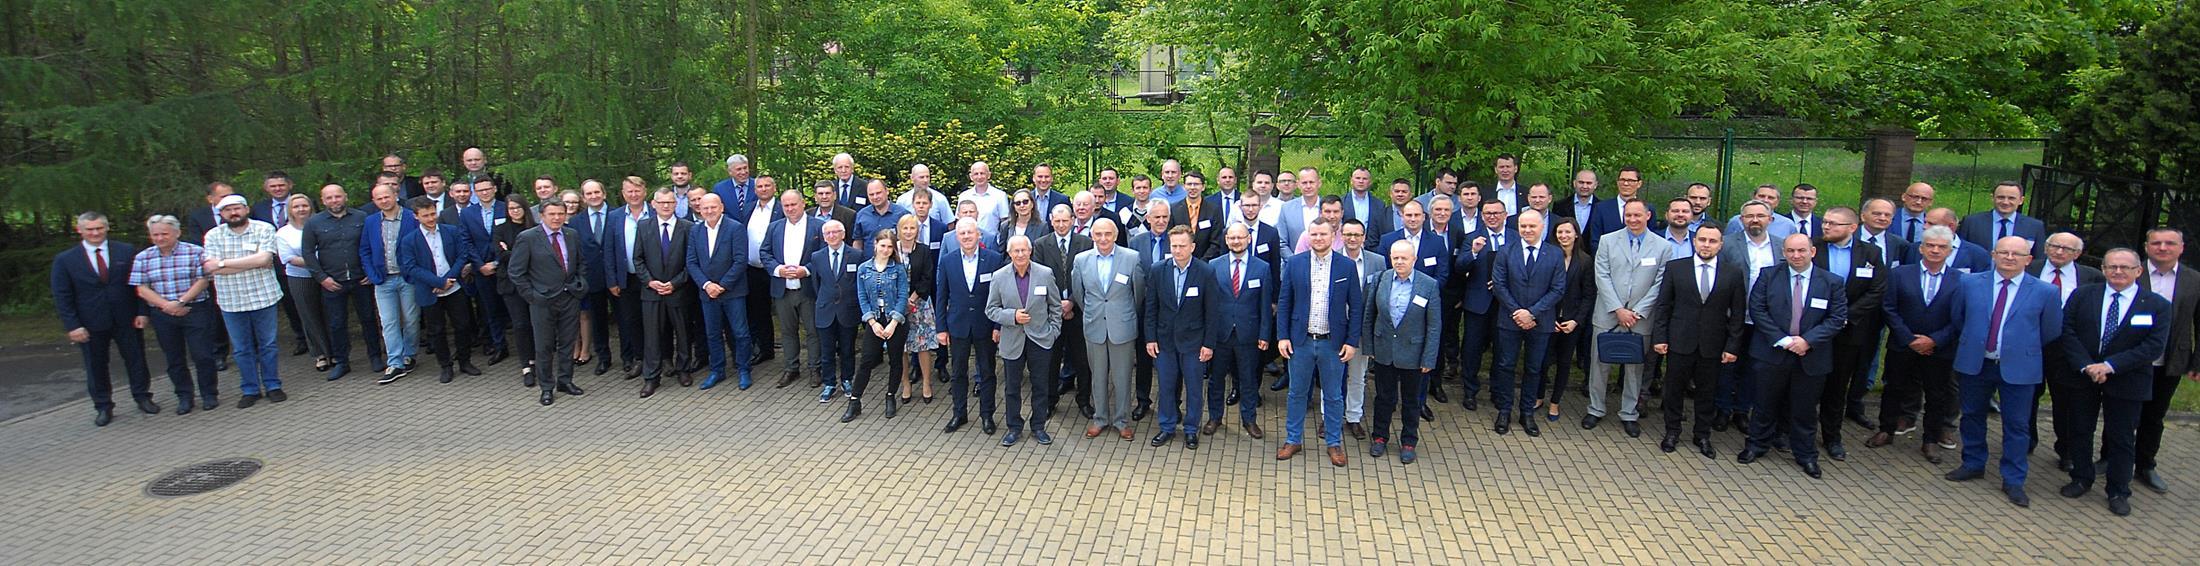 XXVI Naukowo – techniczna  krajowa konferencja spawalnicza w Międzyzdrojach                         – zapowiedź  i zaproszenie do uczestnictwa